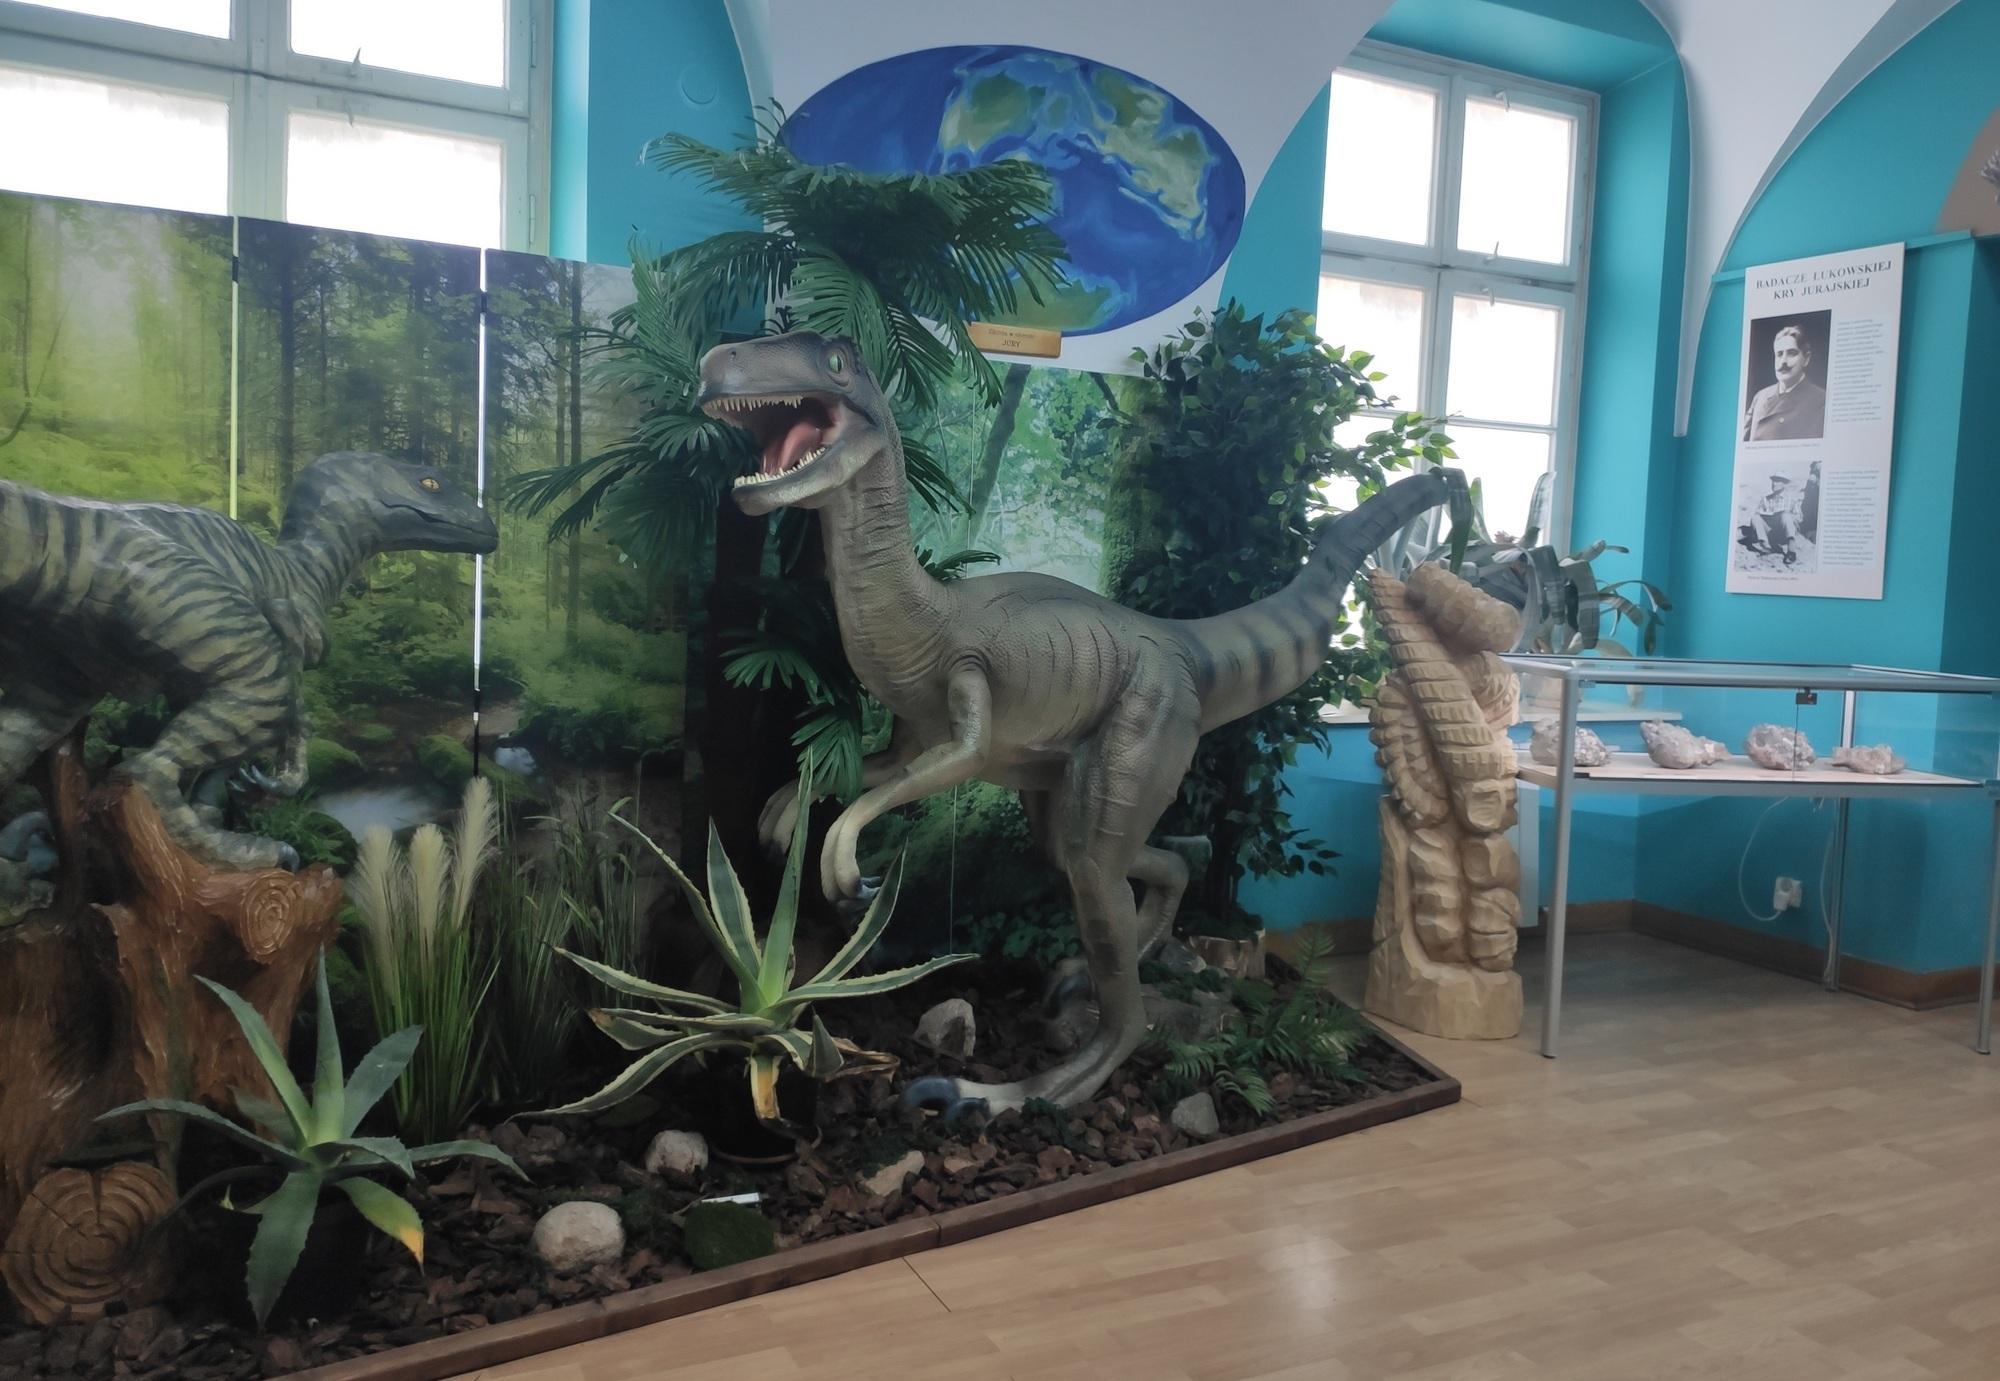 Muzeum Regionalne w Łukowie ponownie otwarte dla zwiedzających – do końca roku wstęp bezpłatny - Zdjęcie główne